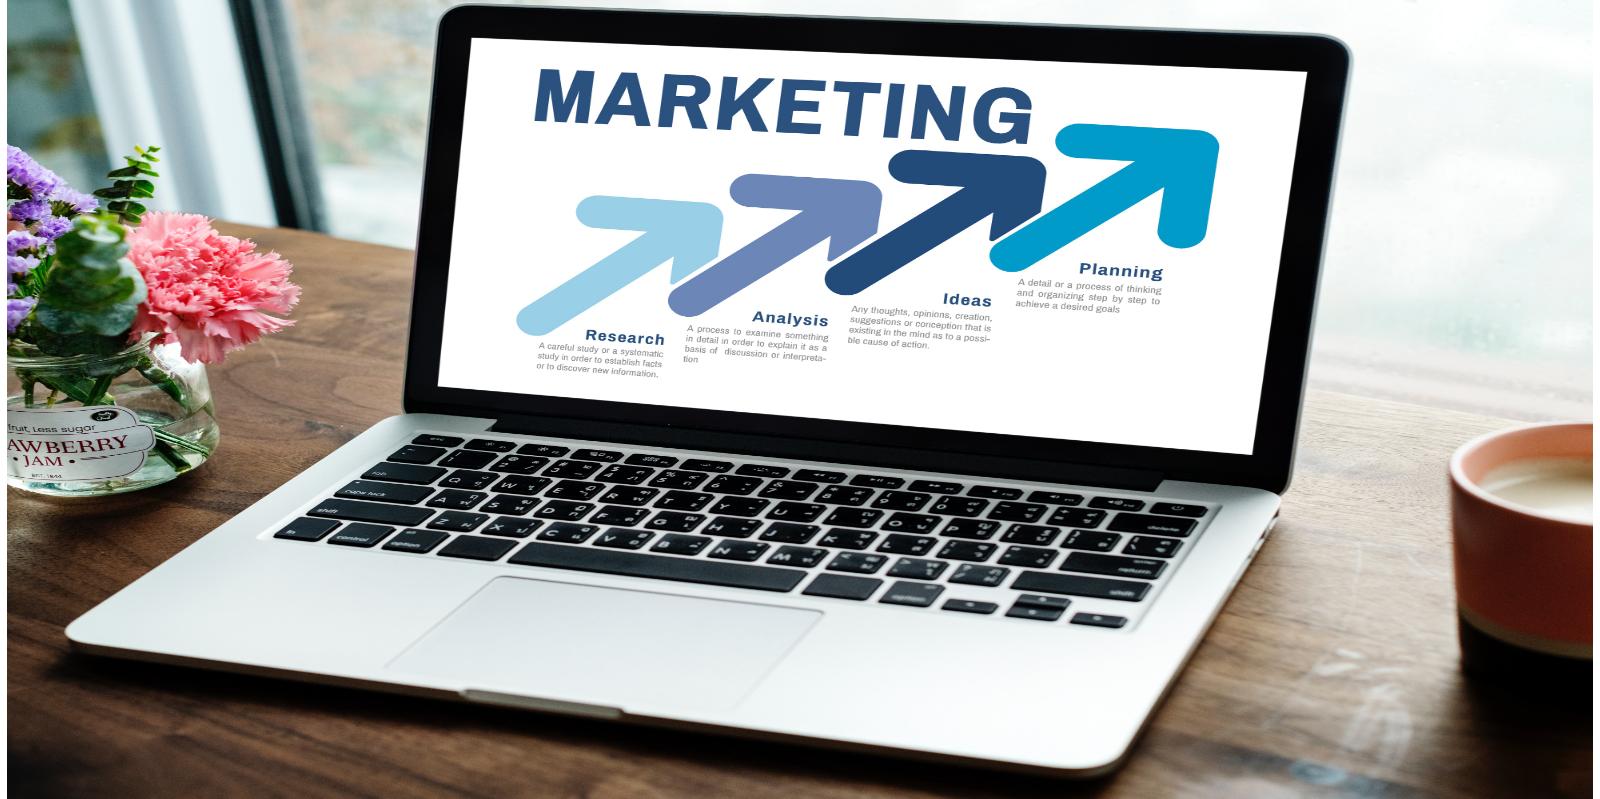 B2B inbund marketing